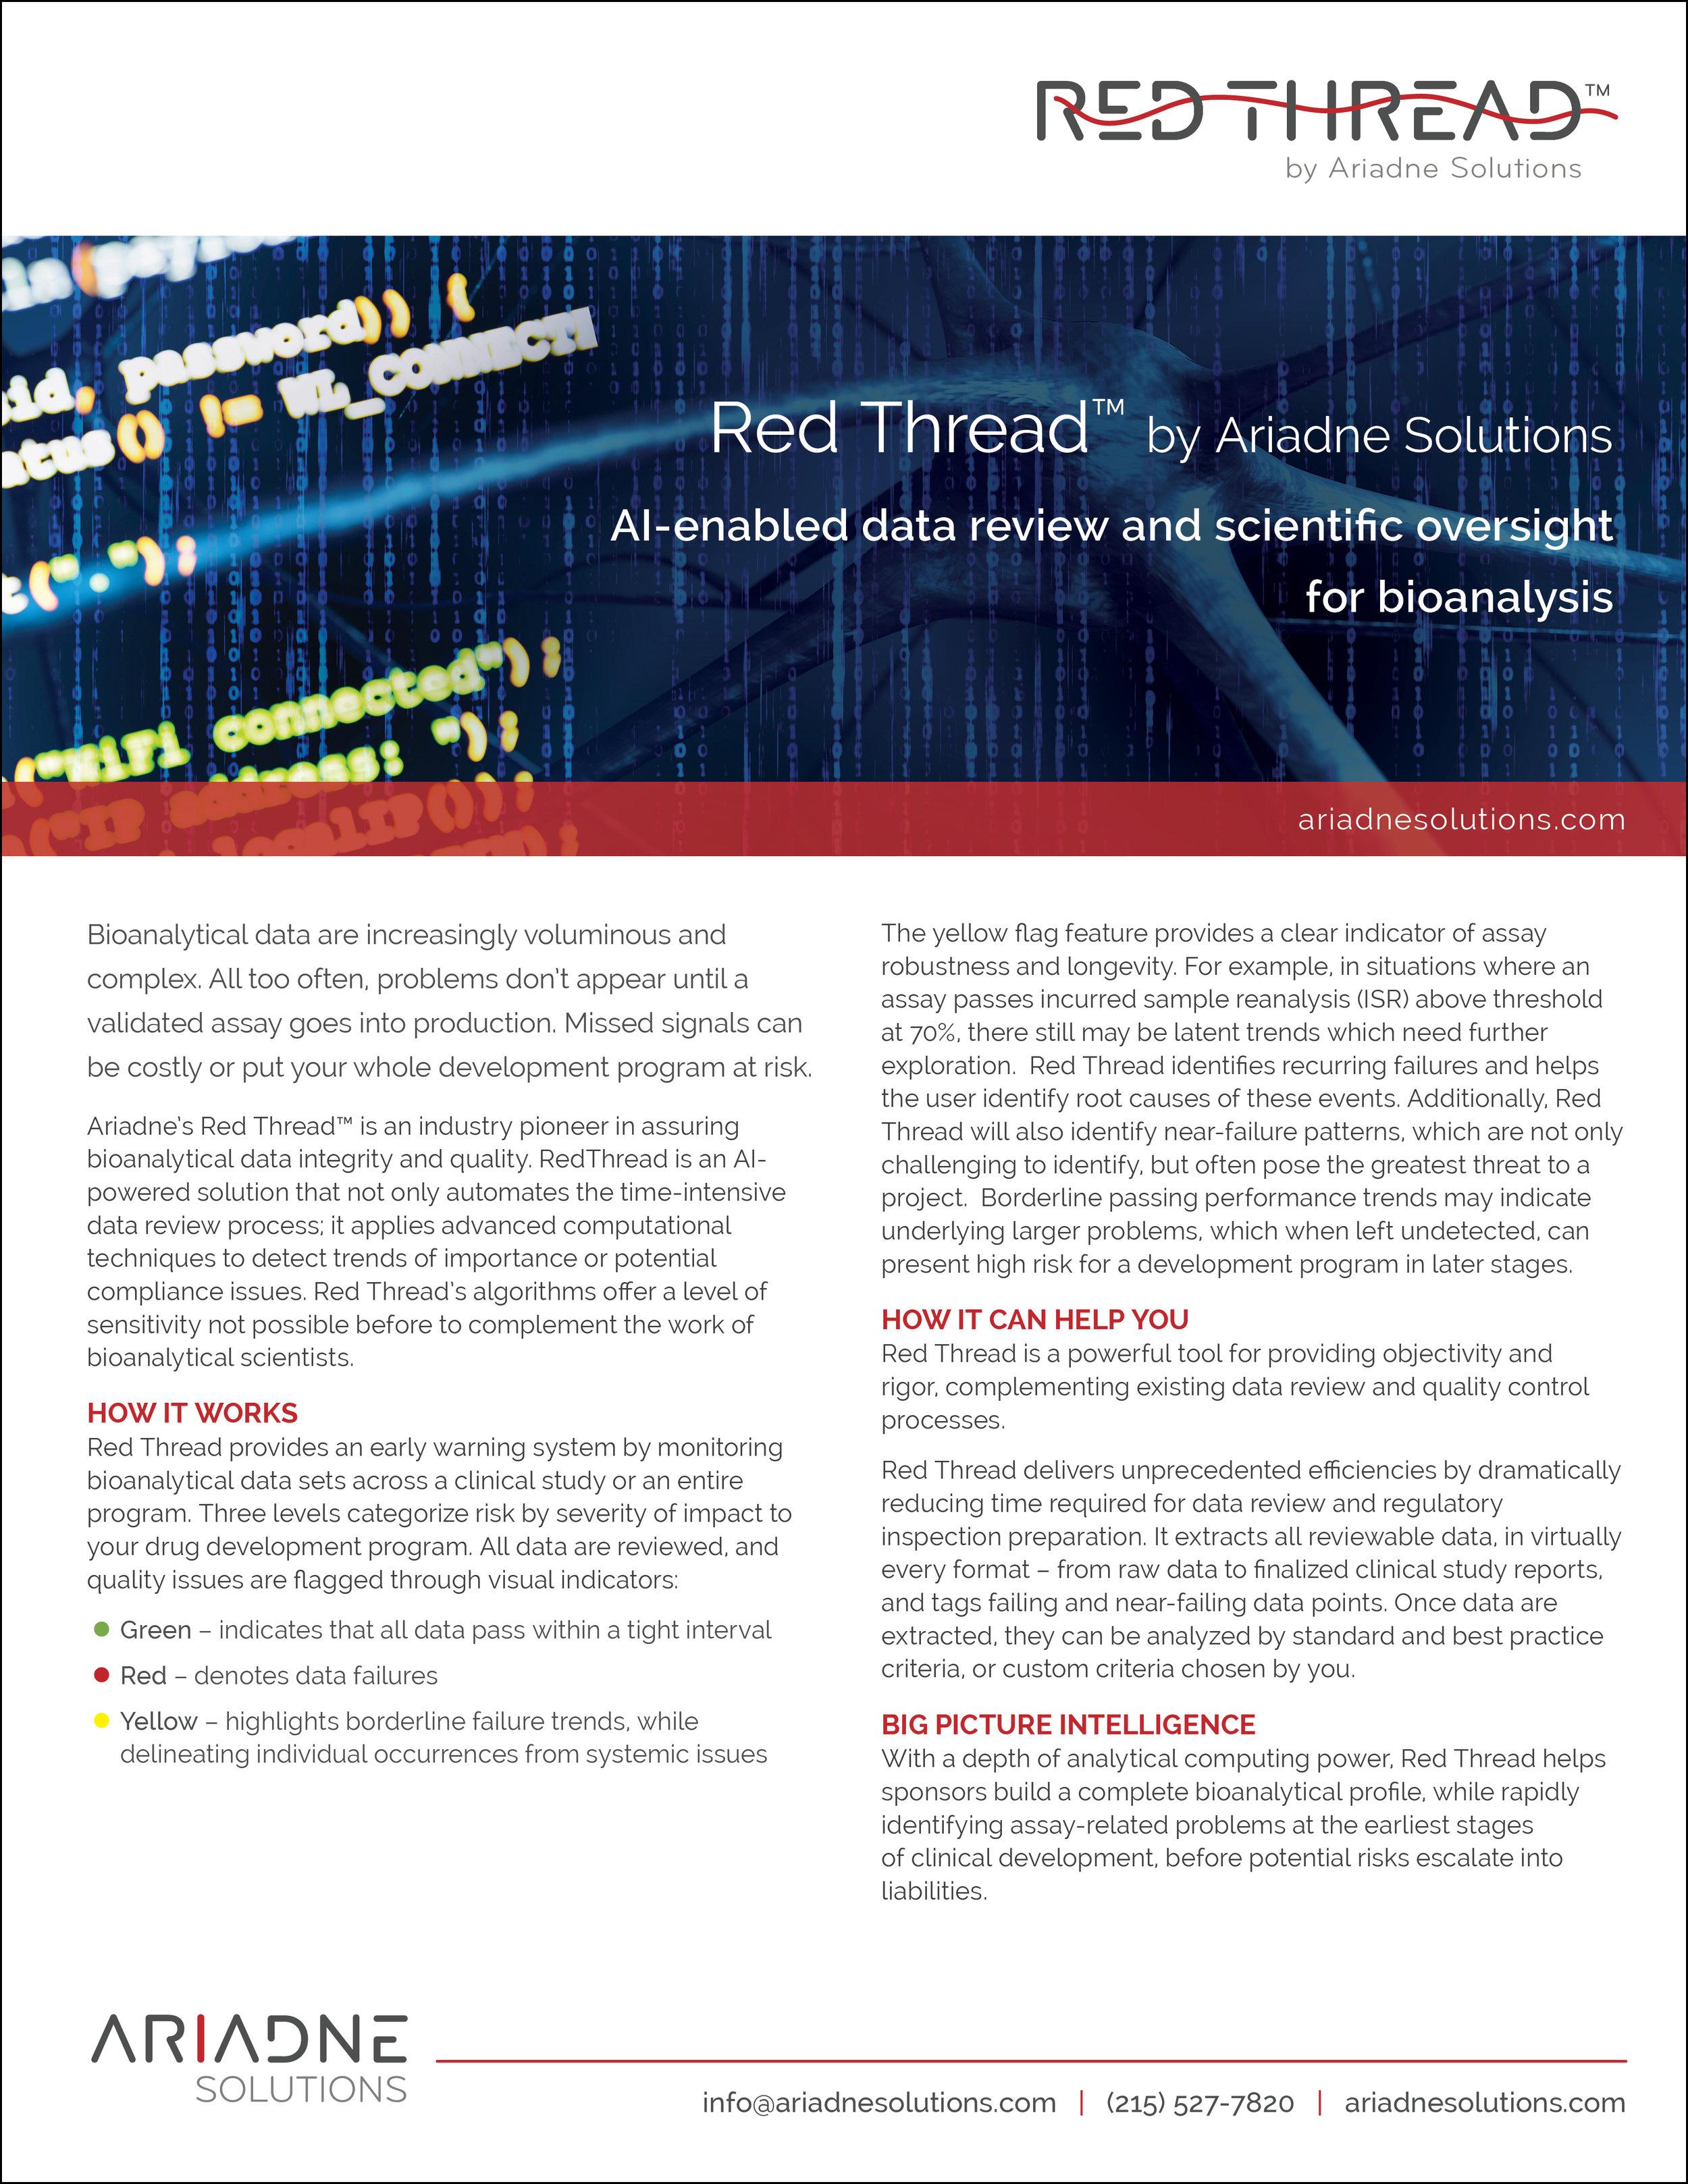 ariadne-red-thread-sheet.jpg